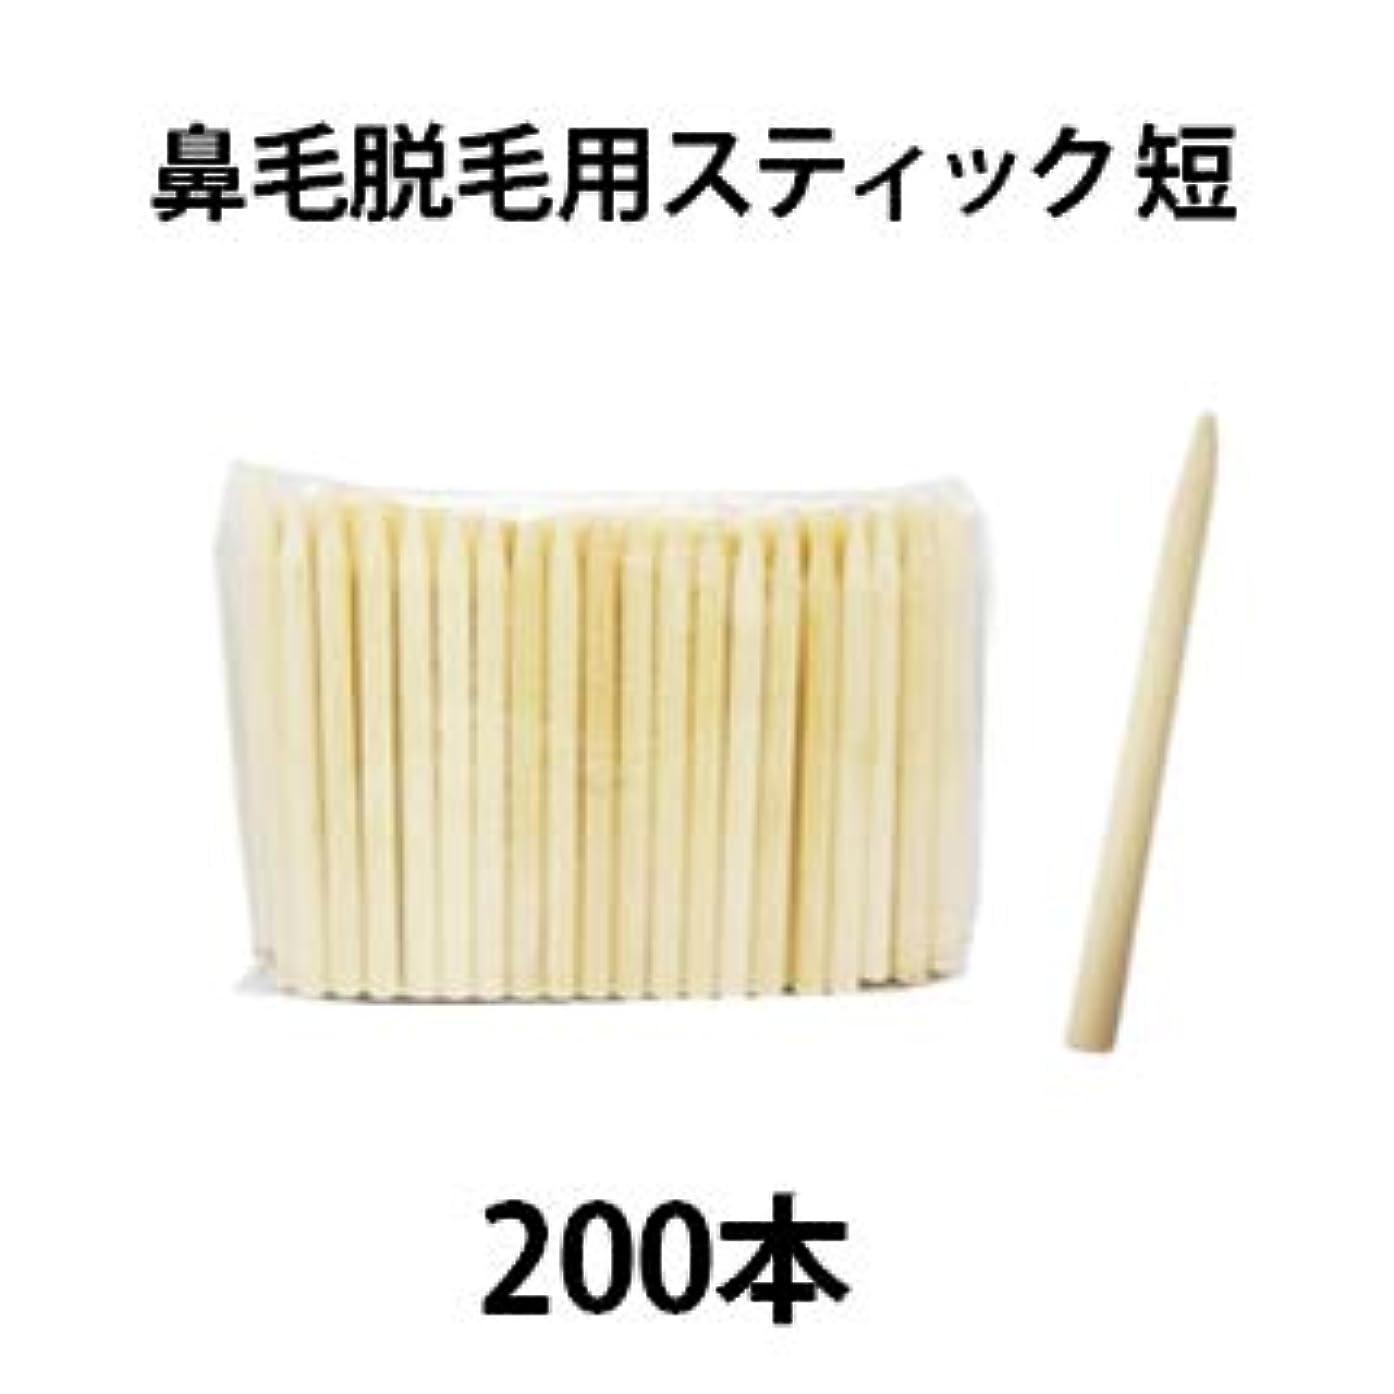 感嘆符ゾーン農場【短 鼻毛脱毛】ウッドスティック 短 200本 75mm